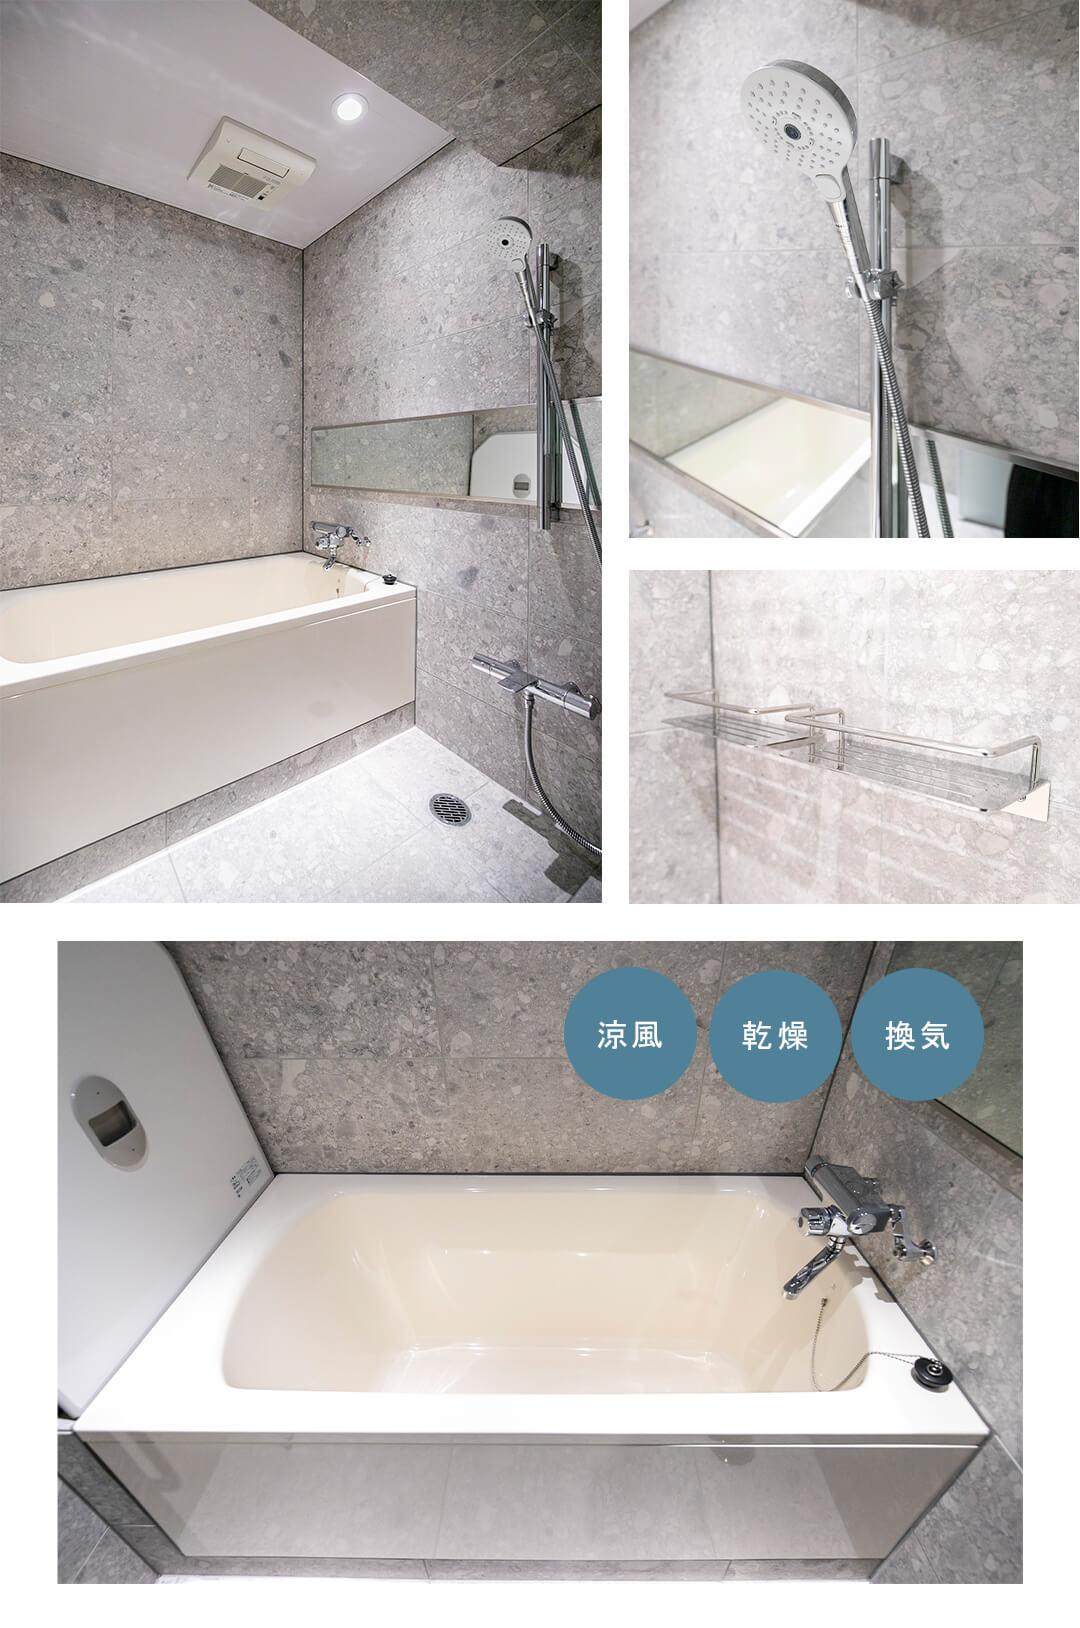 イースタン・ホームズ猿楽の浴室